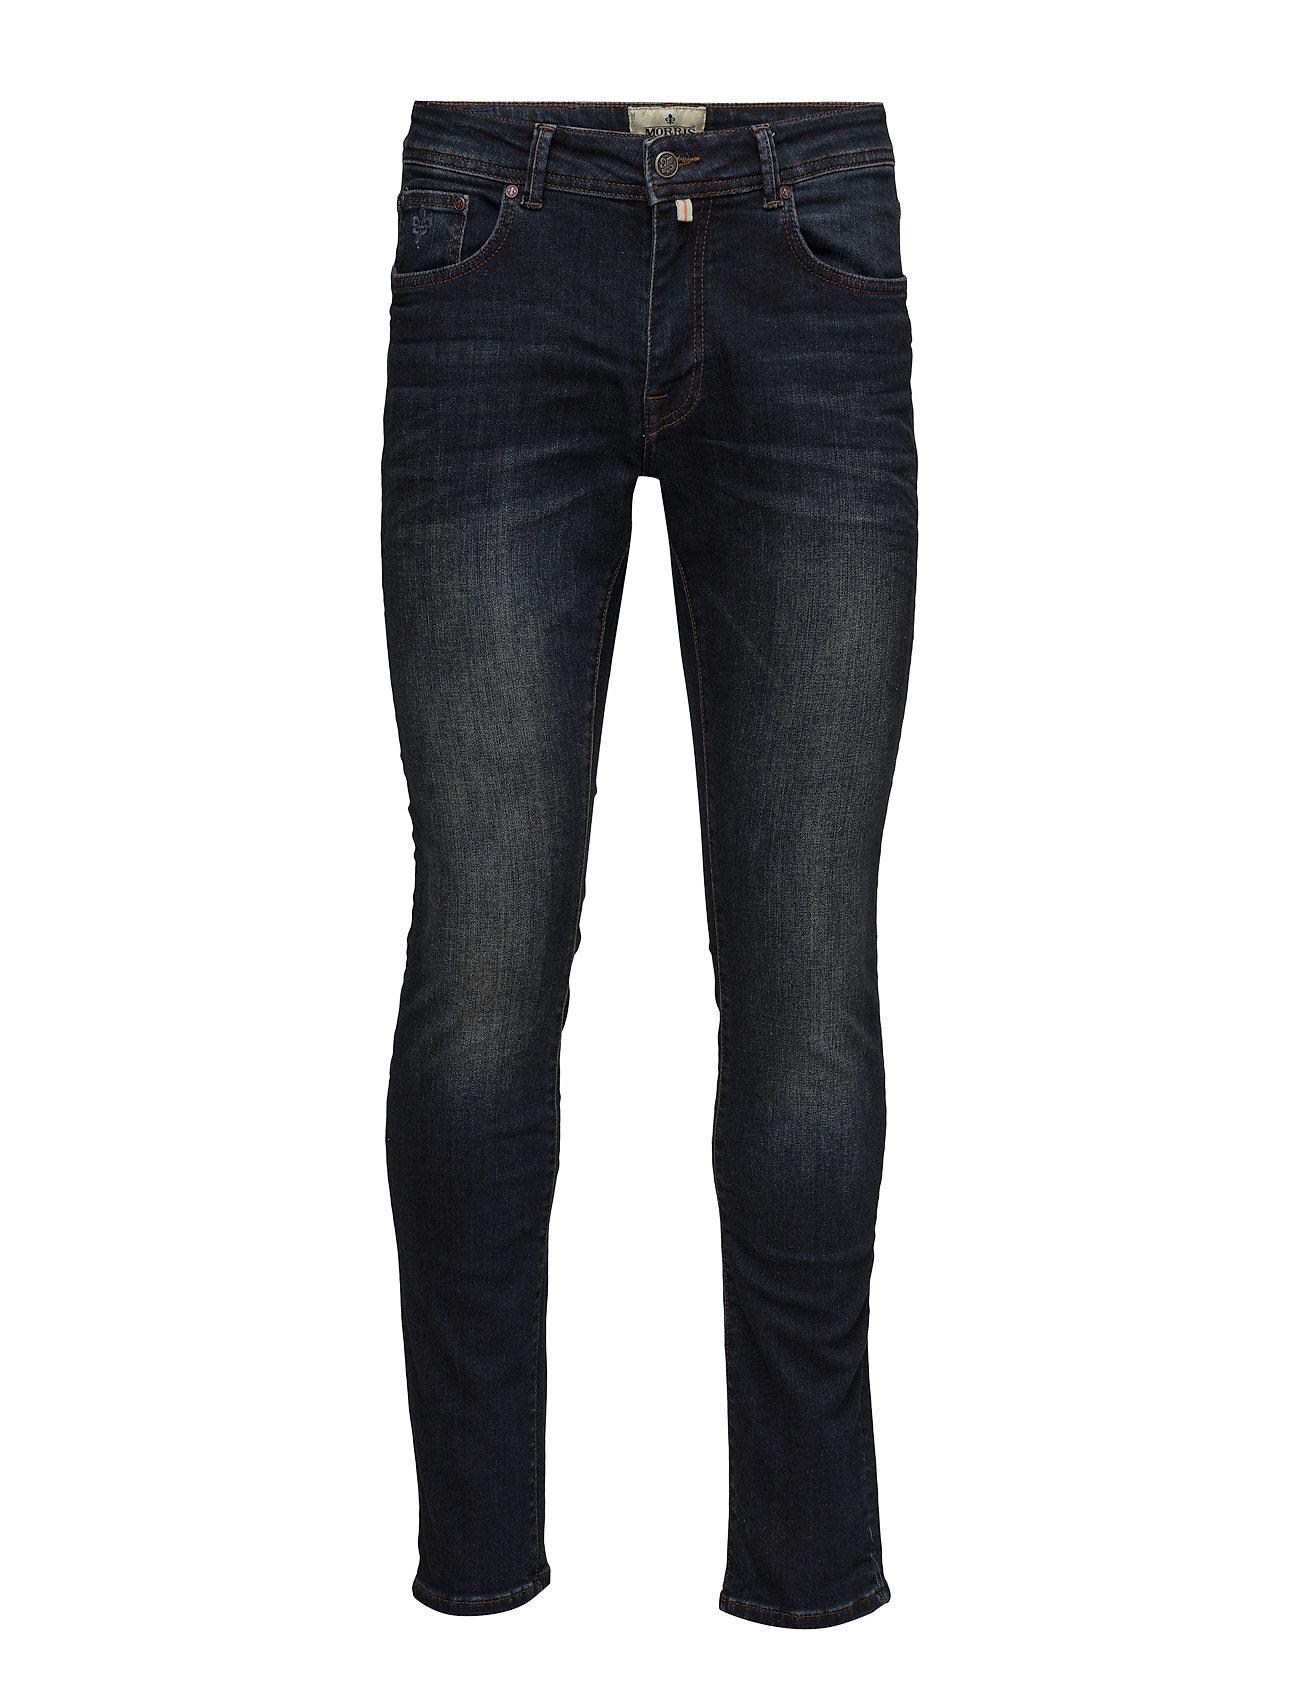 Mario jeans fra morris på boozt.com dk